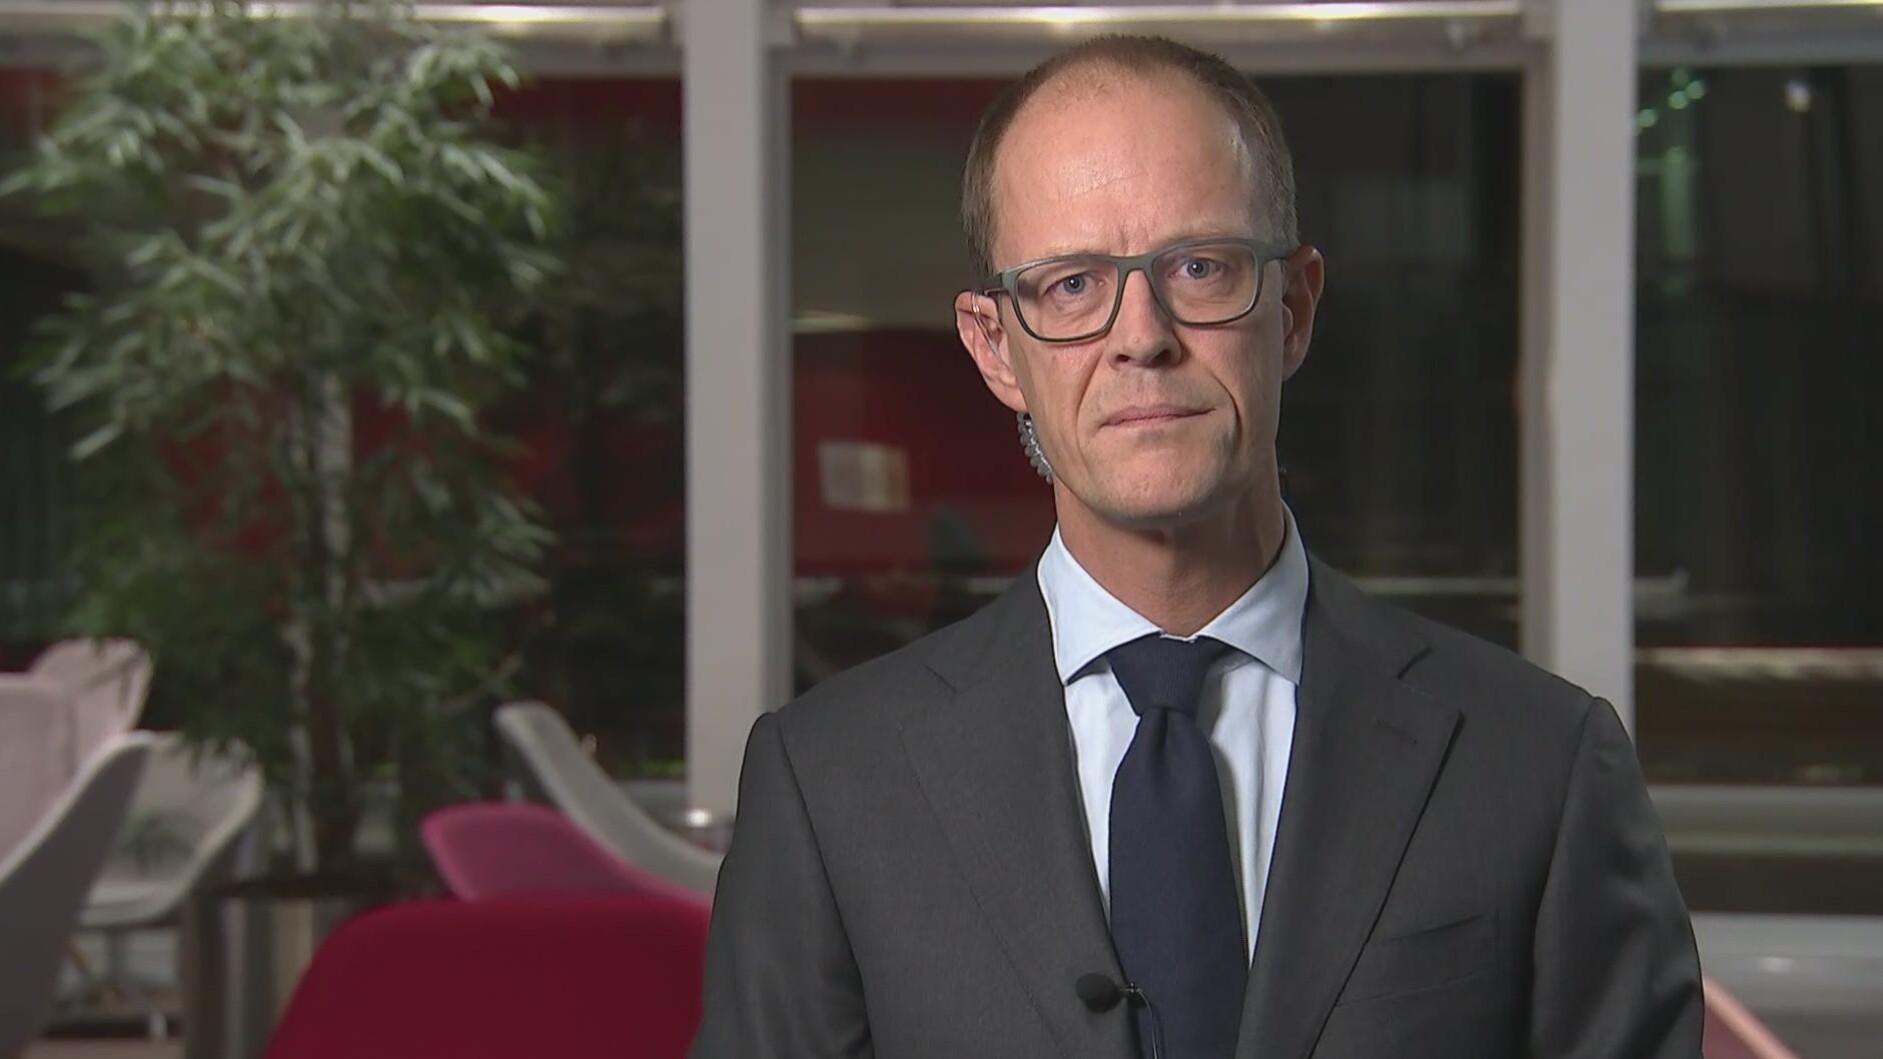 Svaneborg: Ny momsskandale får konsekvenser for Skat | Penge | DR